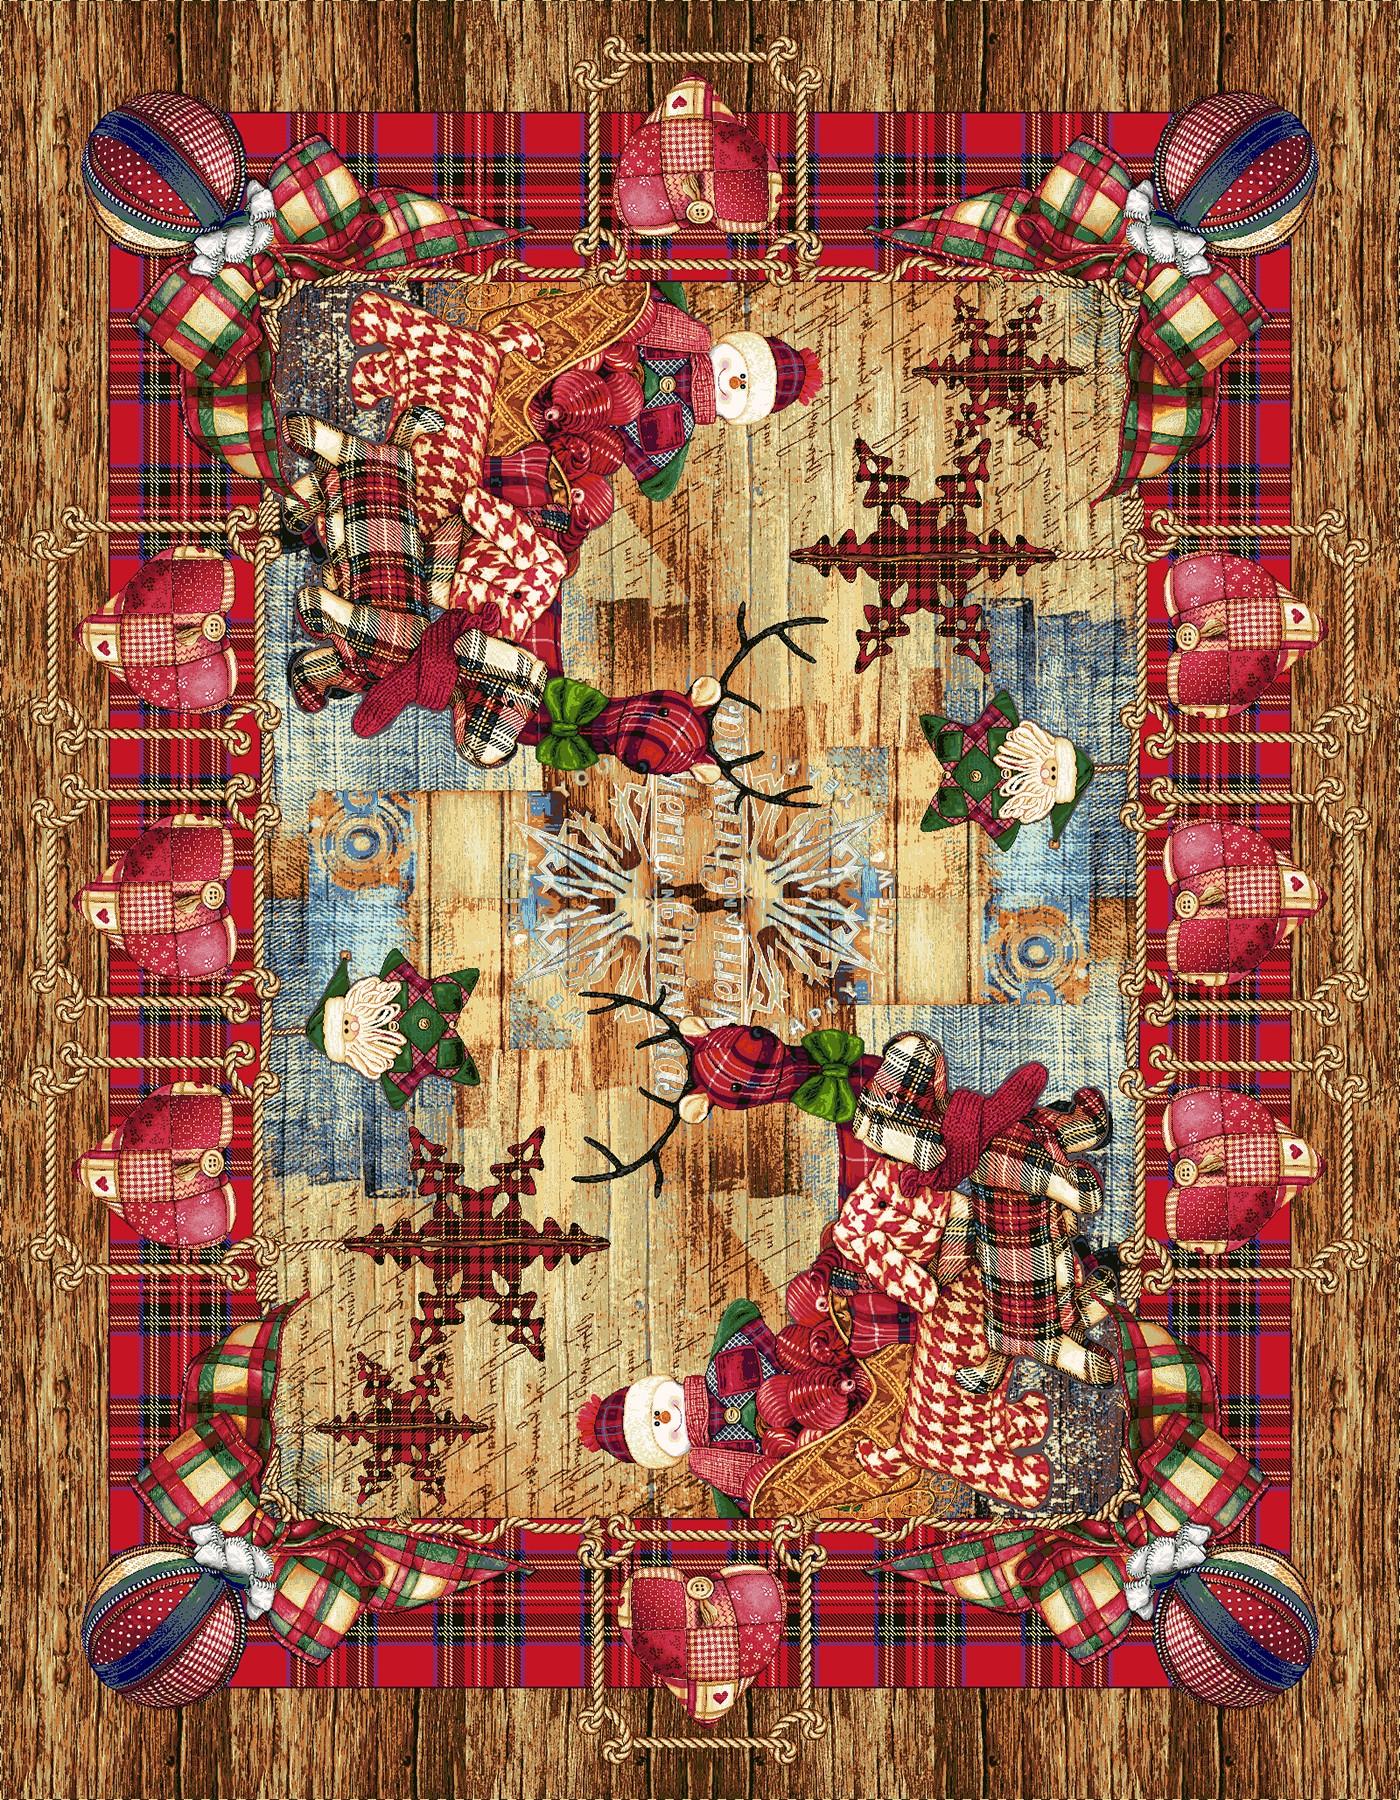 Χριστουγεννιάτικο Τραπεζομάντηλο 140x260 Cosmin Country Natale